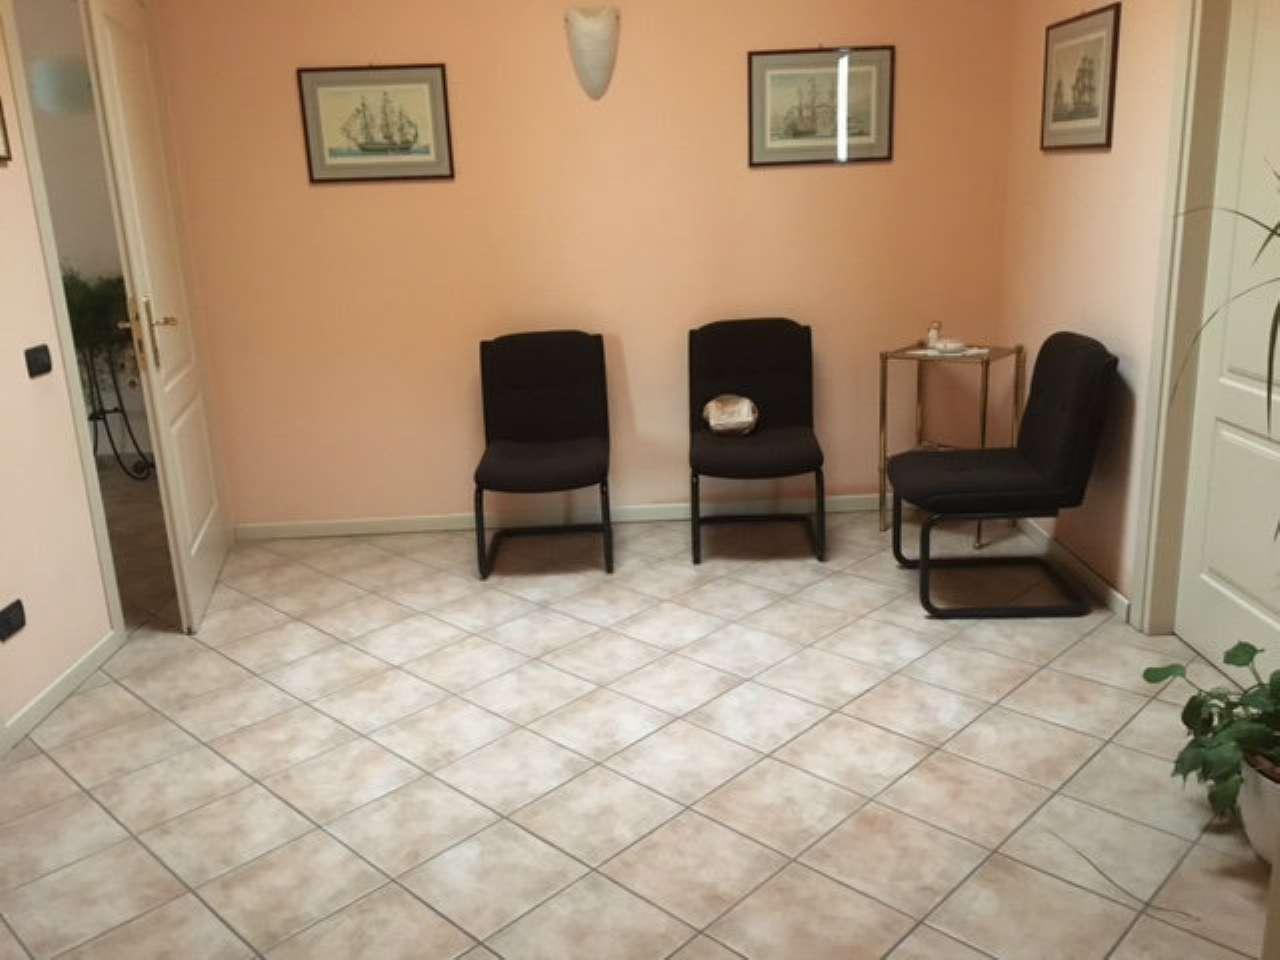 Ufficio / Studio in affitto a Viadana, 4 locali, prezzo € 600 | Cambio Casa.it